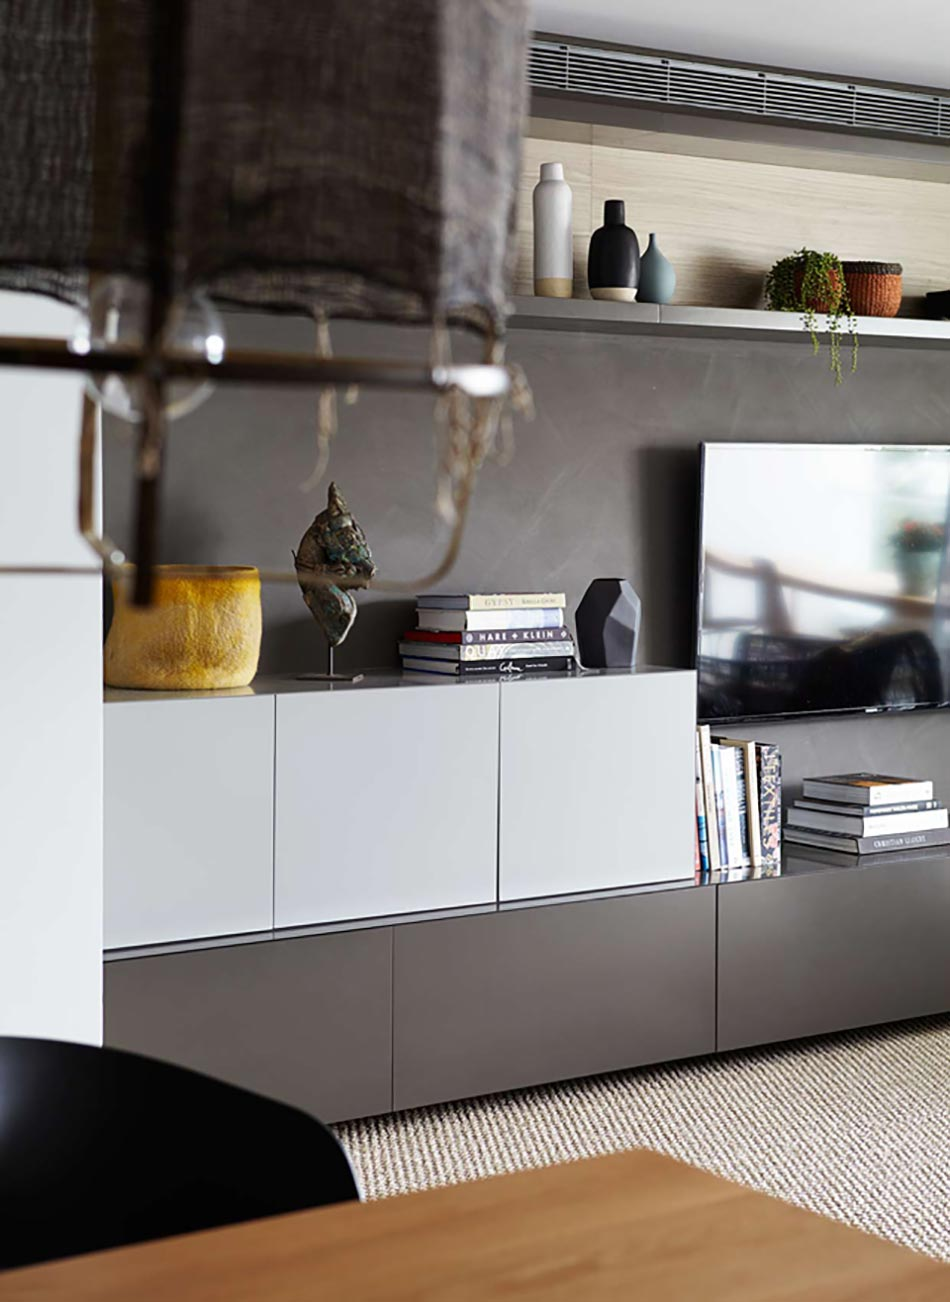 Appartement Moderne Et Chic Avec Vue Imprenable Sur L 39 Op Ra Design Feria